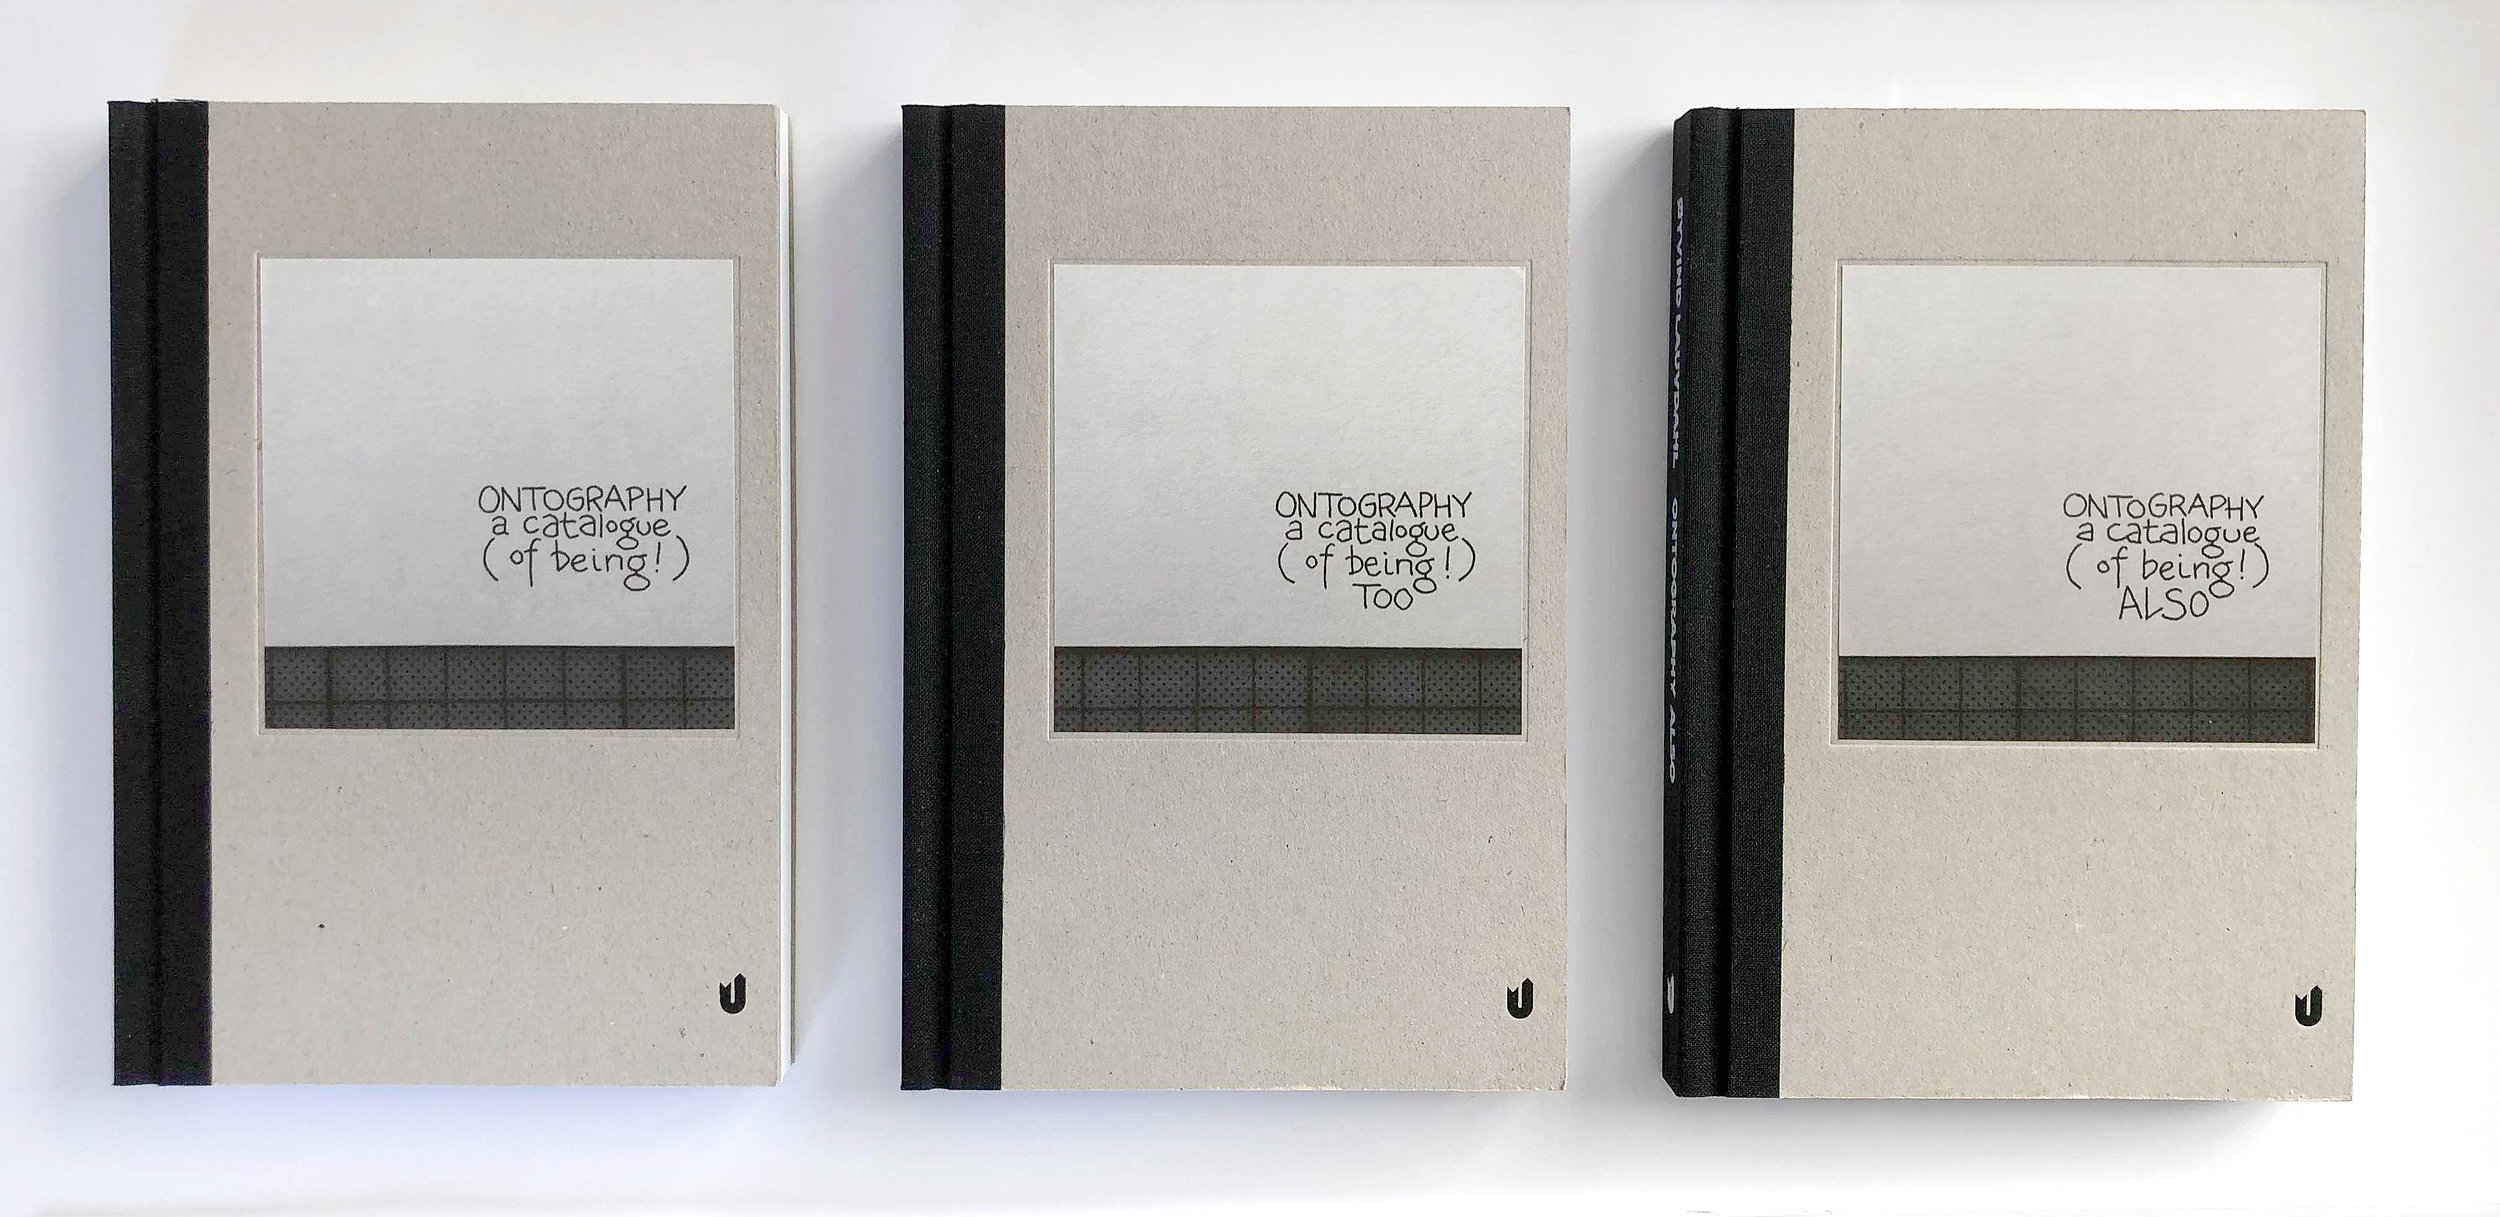 Ontography: eksistensens katalog 1-3, Utenfor Allfarvei Forlag 2019.